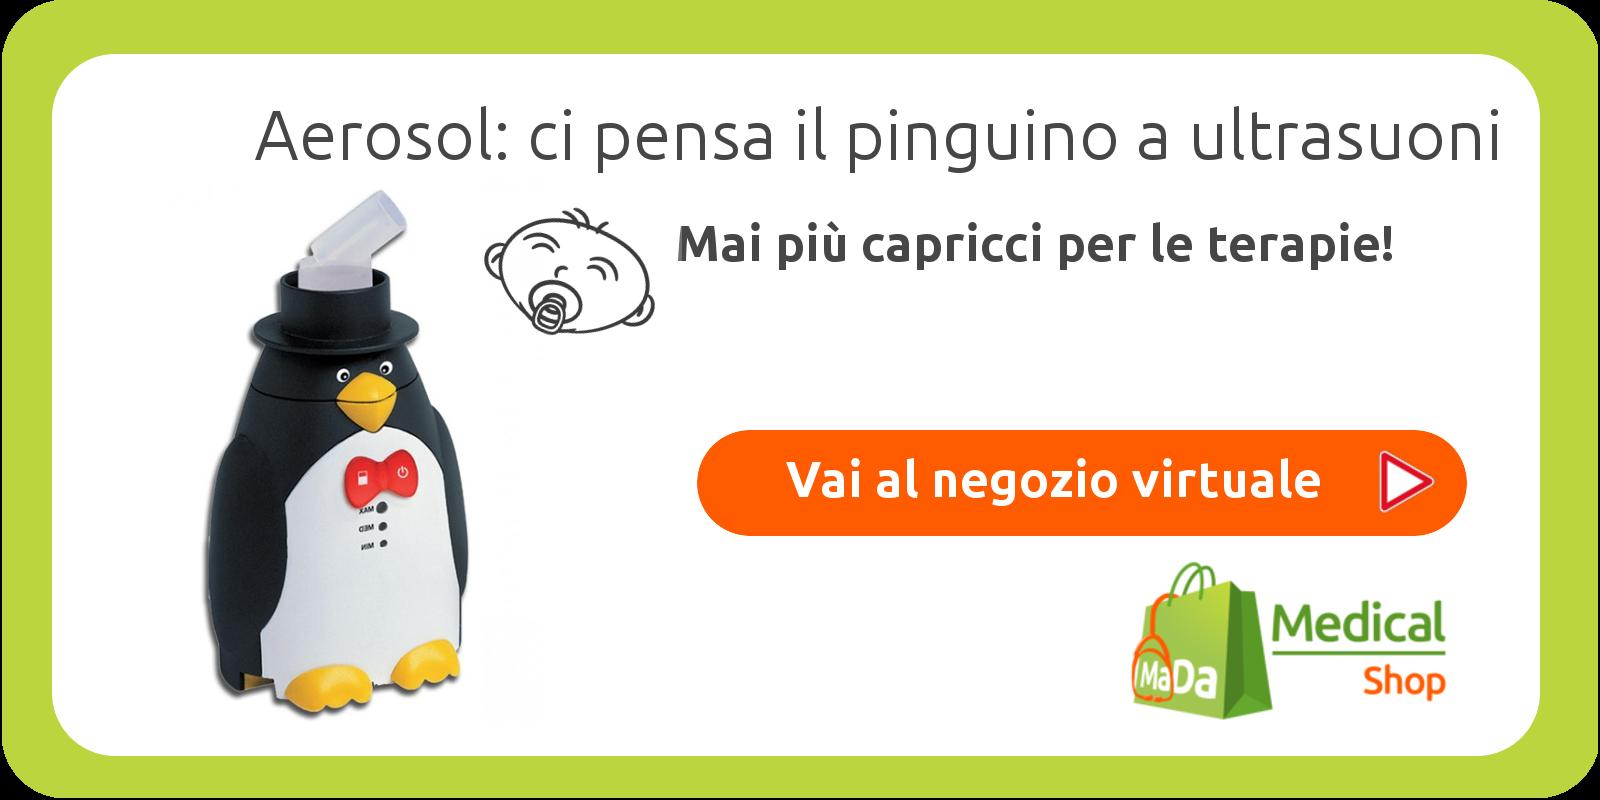 aerosol pinguino